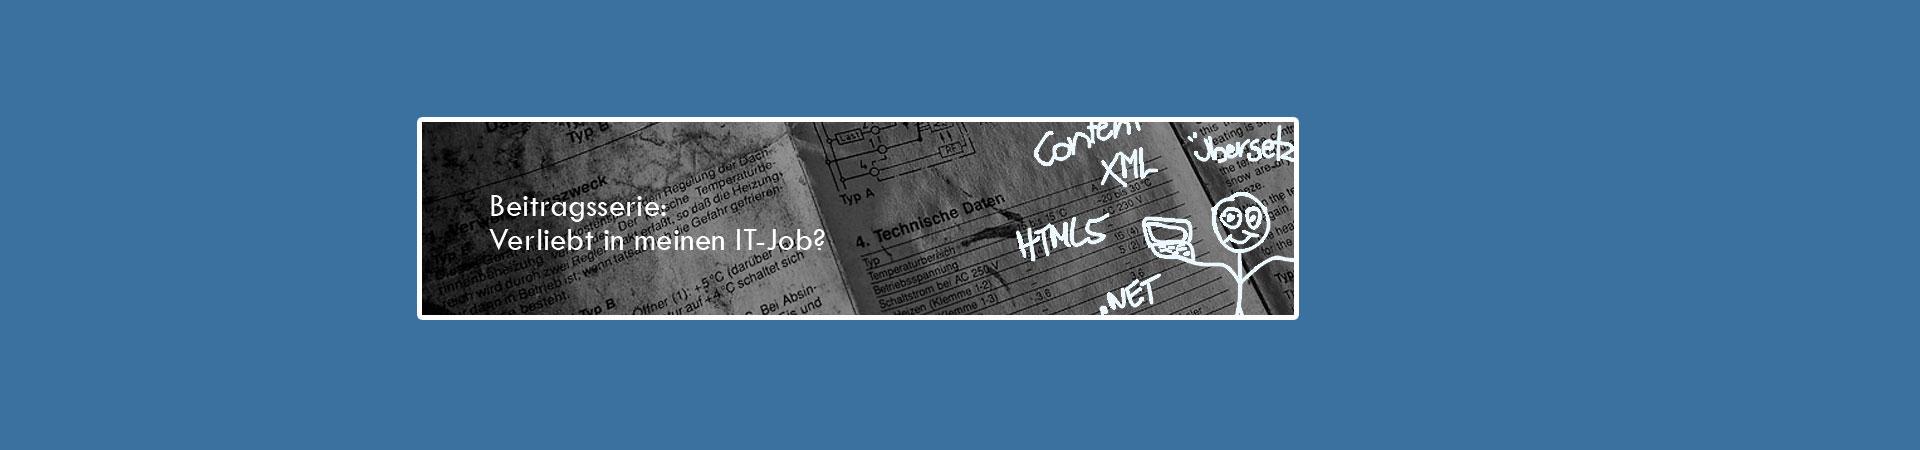 tag-beitragsserie-verliebt-in-meinen-IT-Job